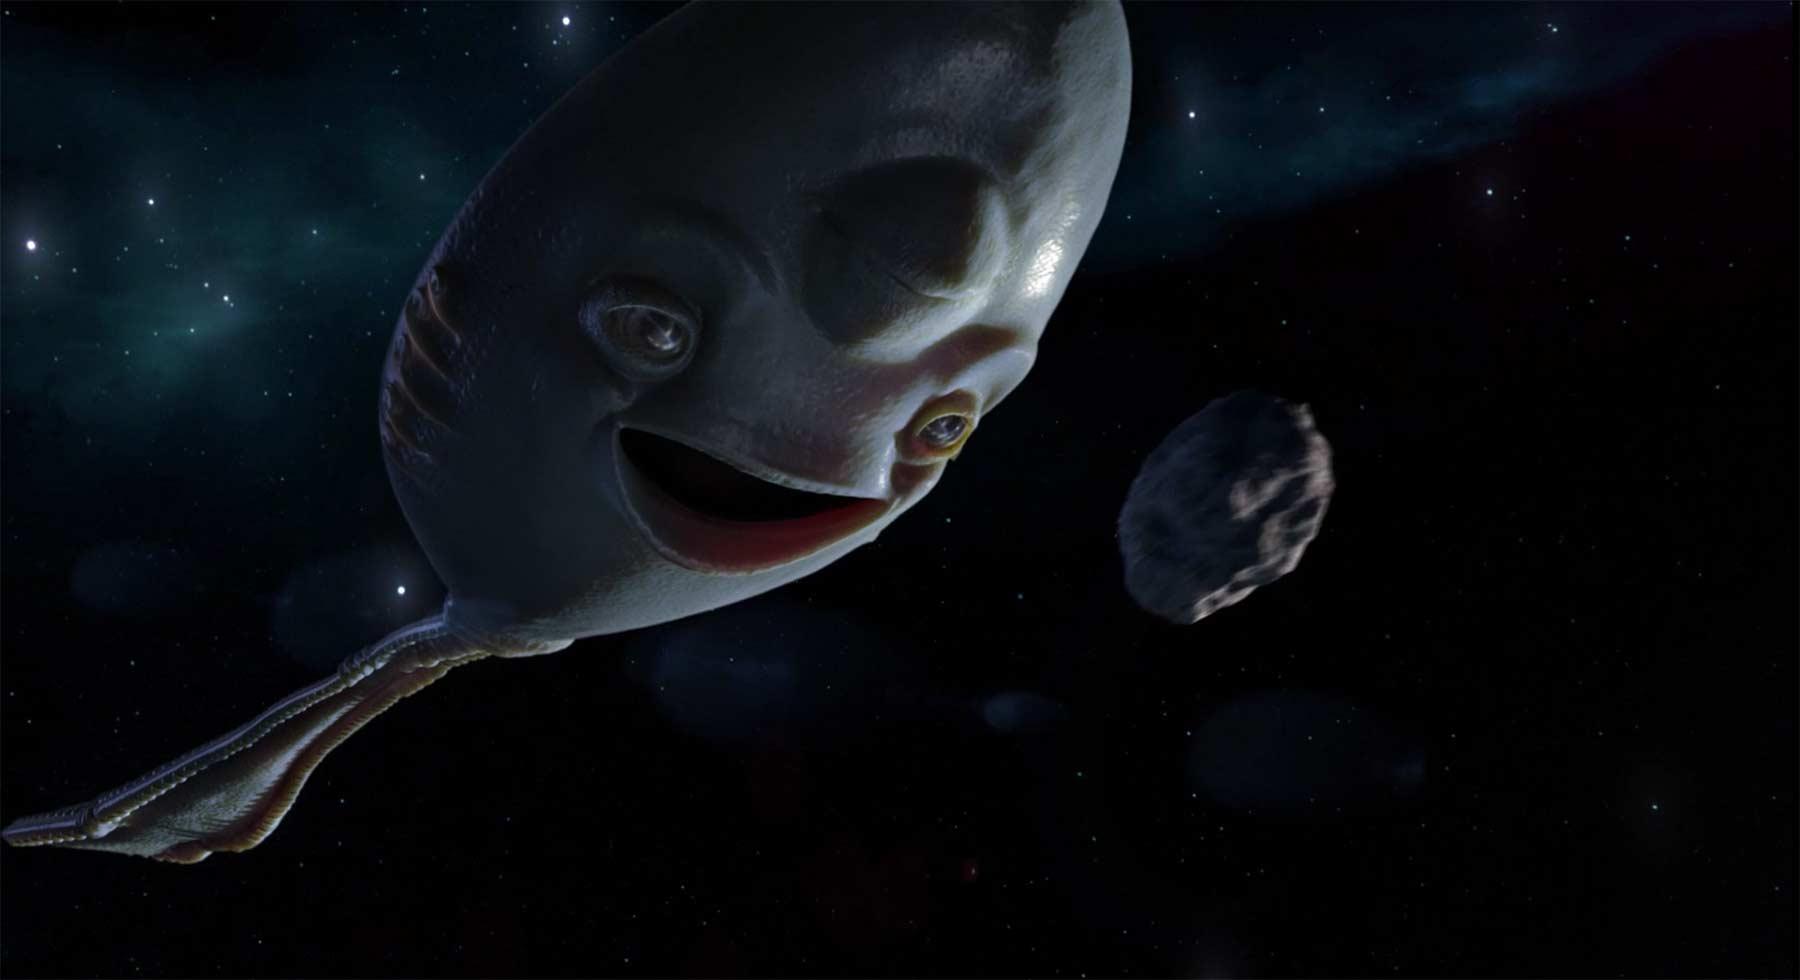 Ein Löffel-Alien klaut all unsere Löffel